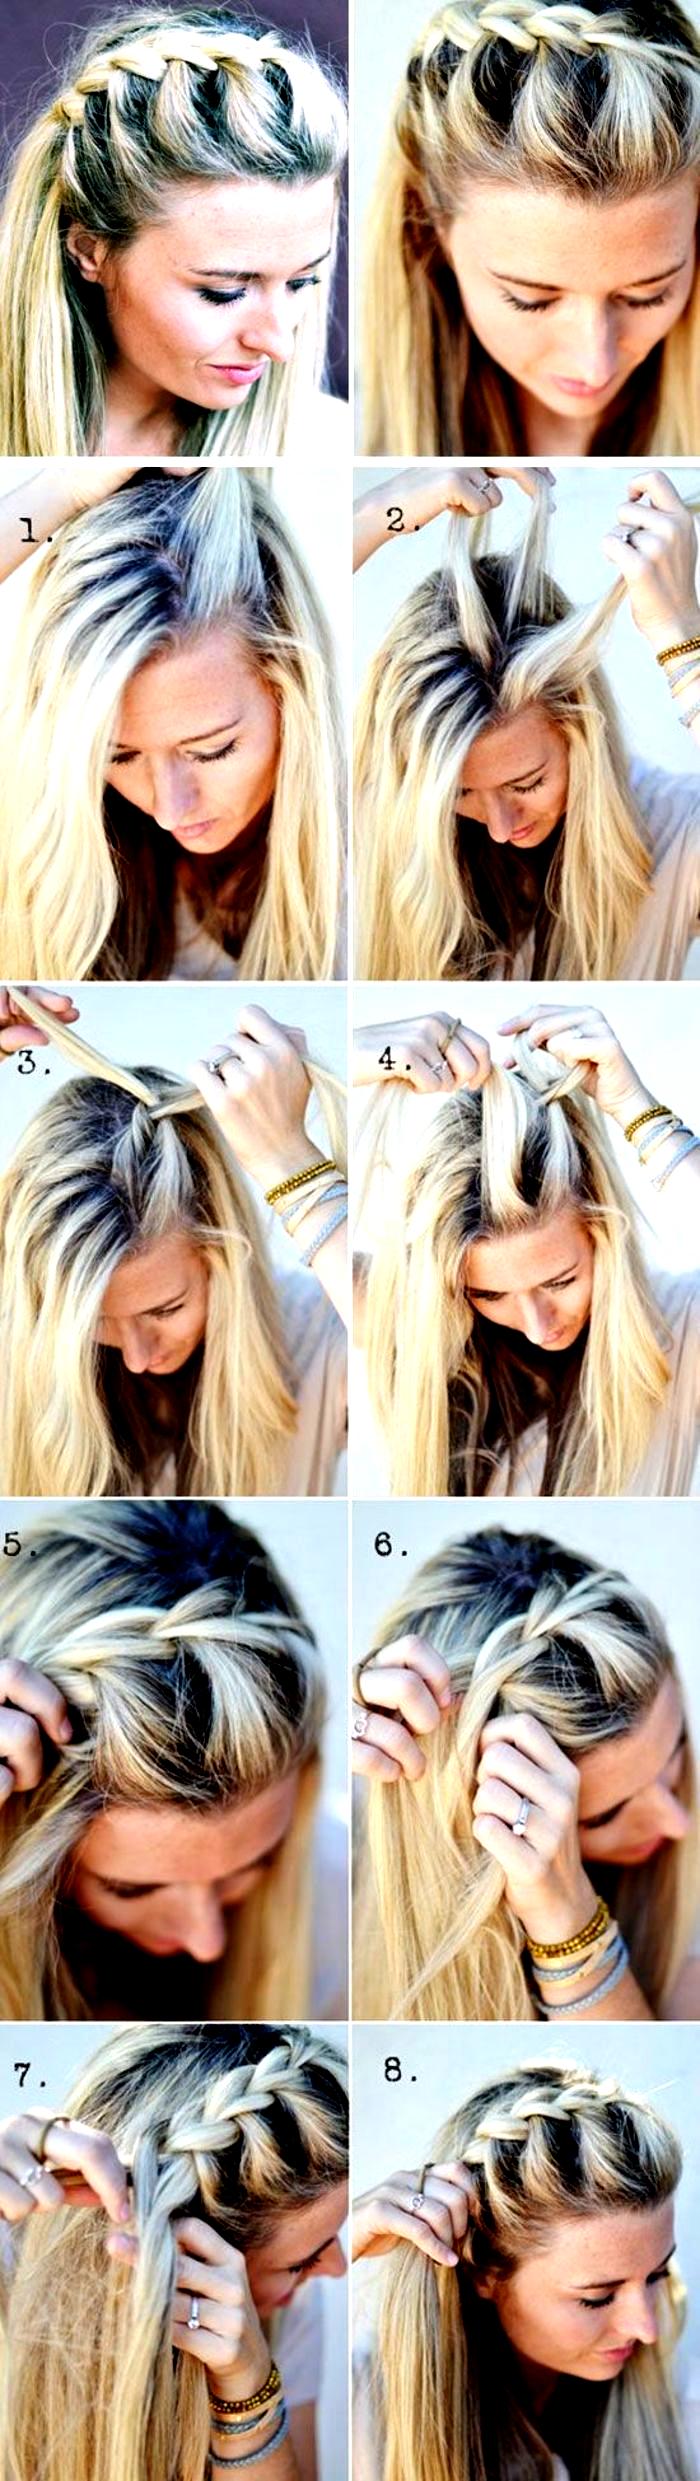 Haare Flechten Mittellange Blonde Haare Schone Frisur Mit Zopf In 2020 Geflochtene Frisuren Mittellange Haare Frisuren Einfach Flechtfrisuren